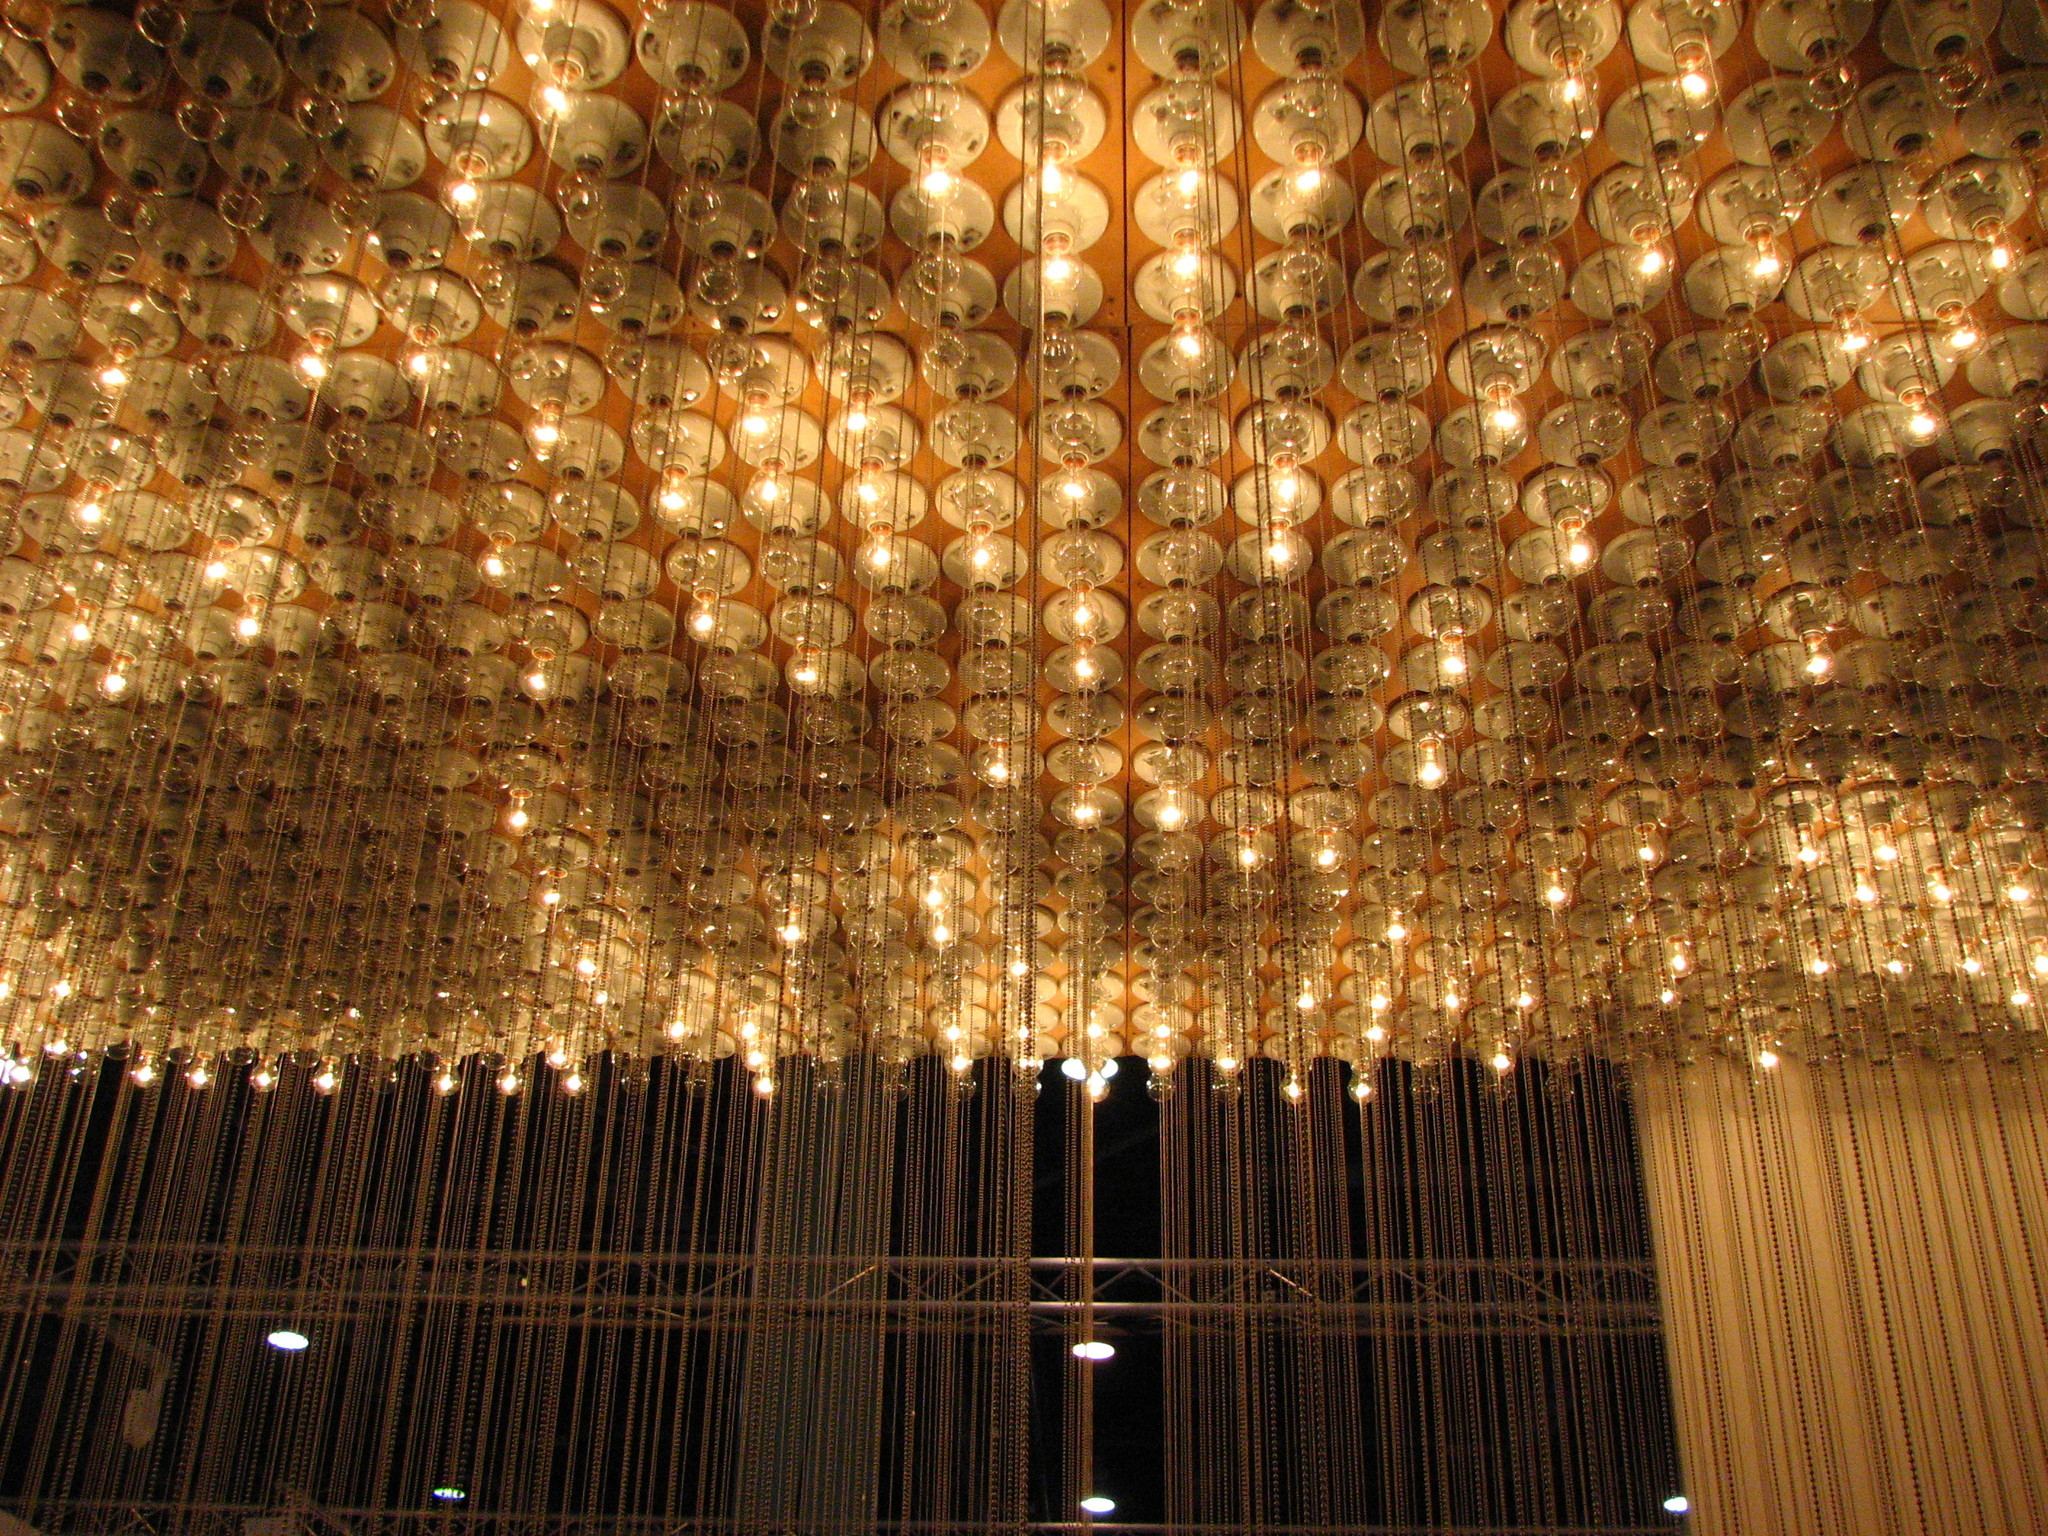 Ceiling light installation